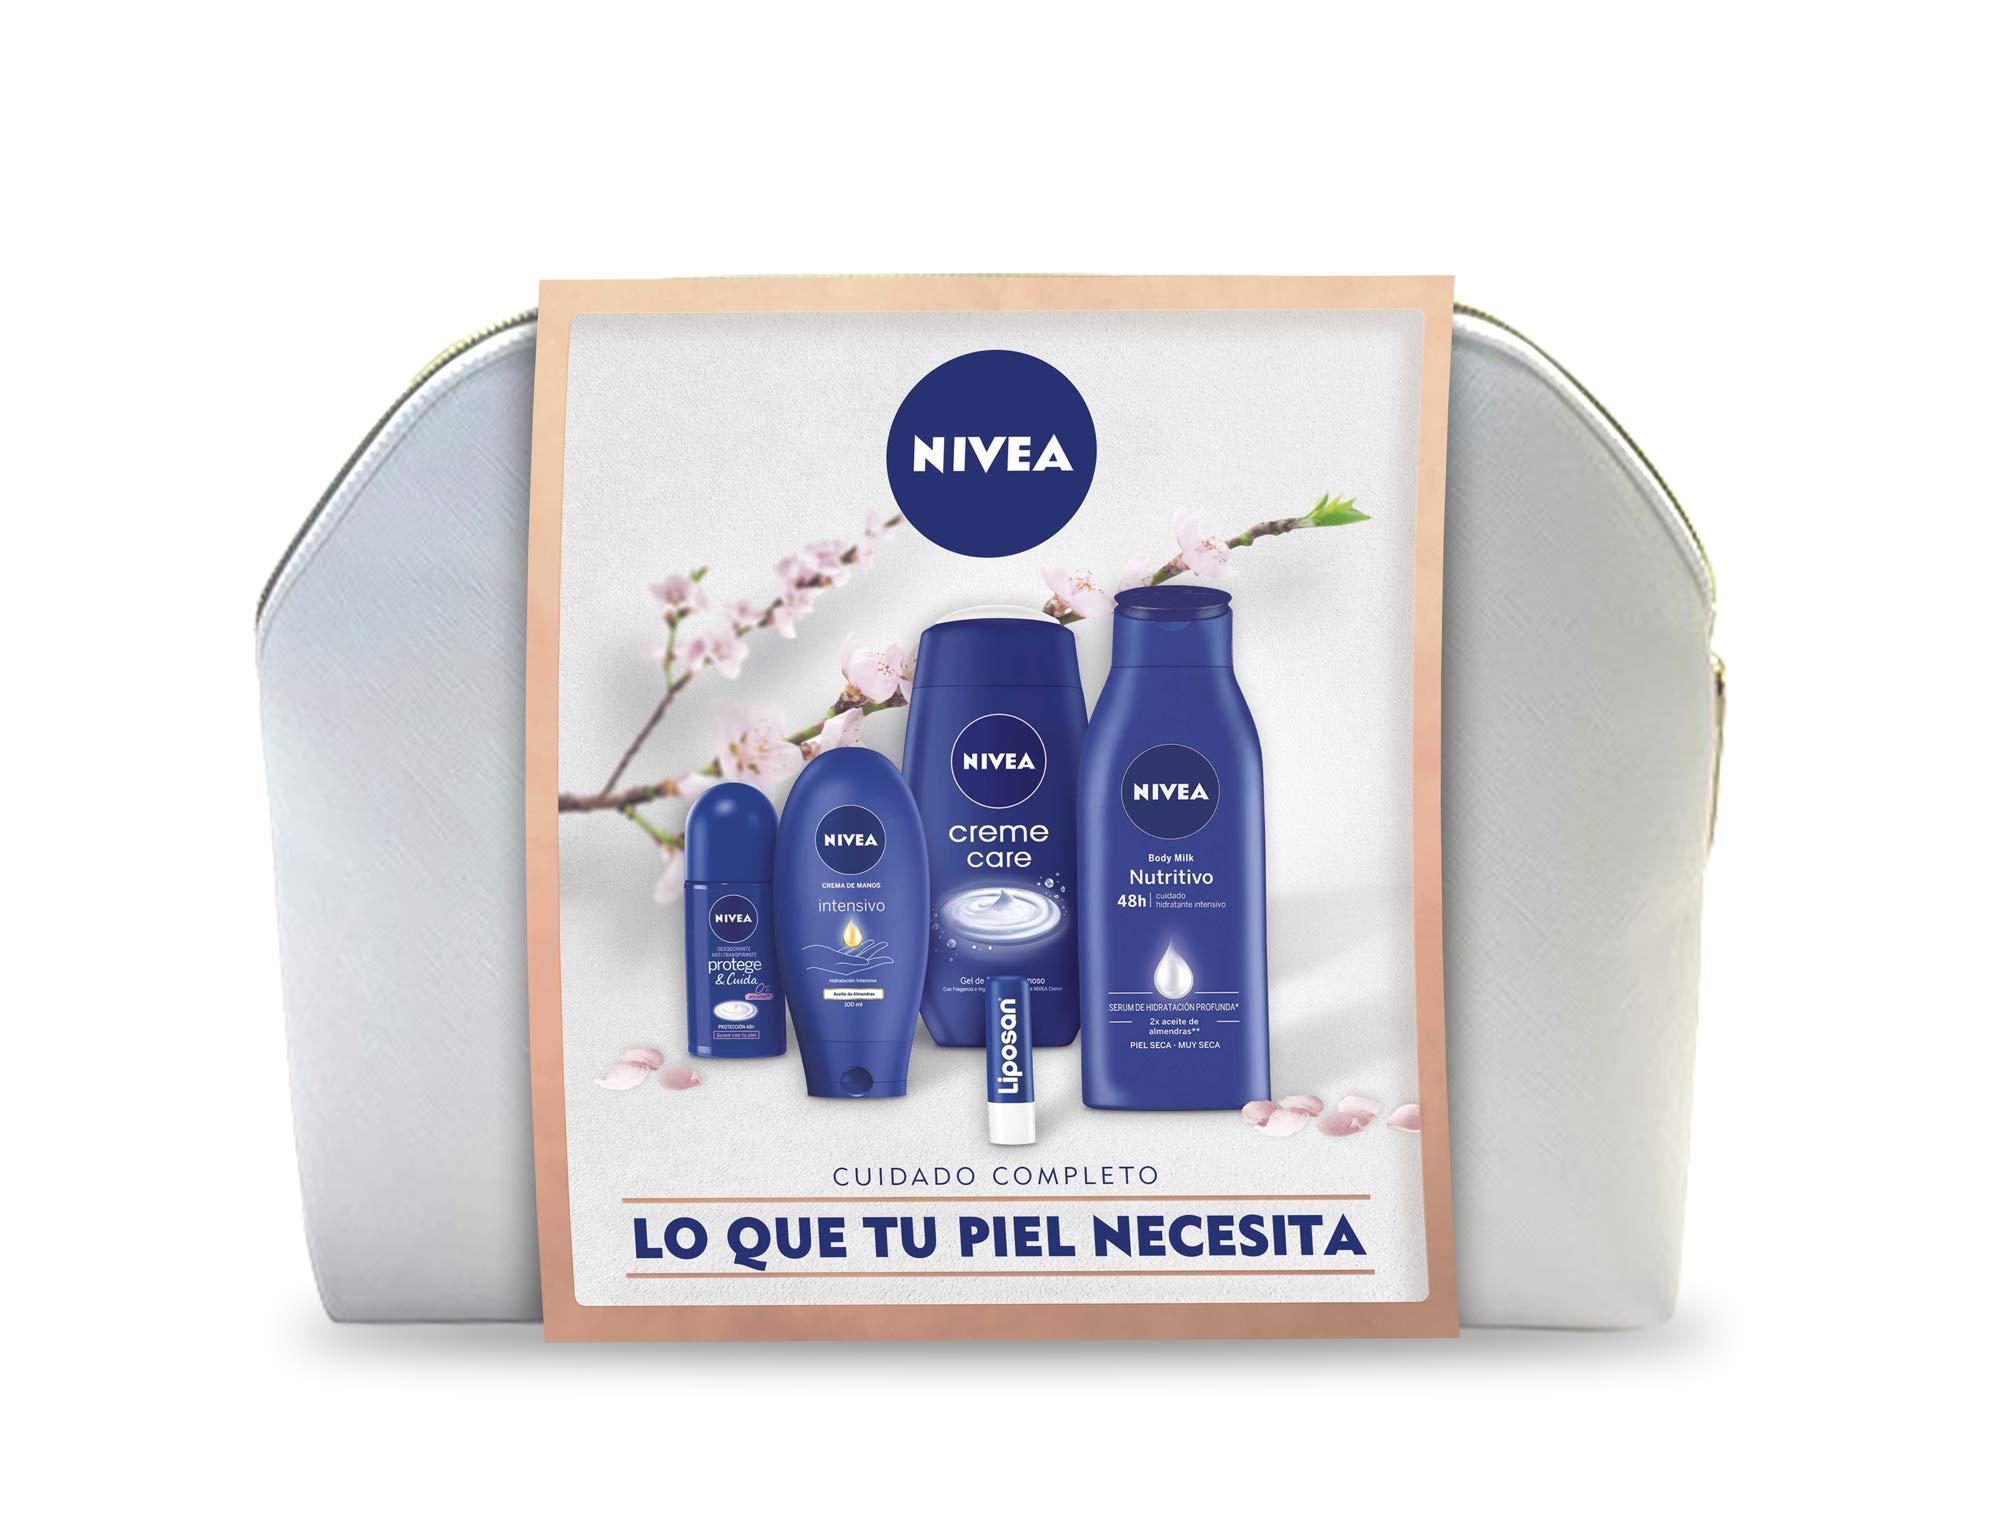 NIVEA Neceser Body Cuidado Completo con body milk 1 x 400 ml, crema de manos 1 x 100 ml, desodorante roll on 1 x 50 ml, gel de ducha 1 x 250 ml y bálsamo labial